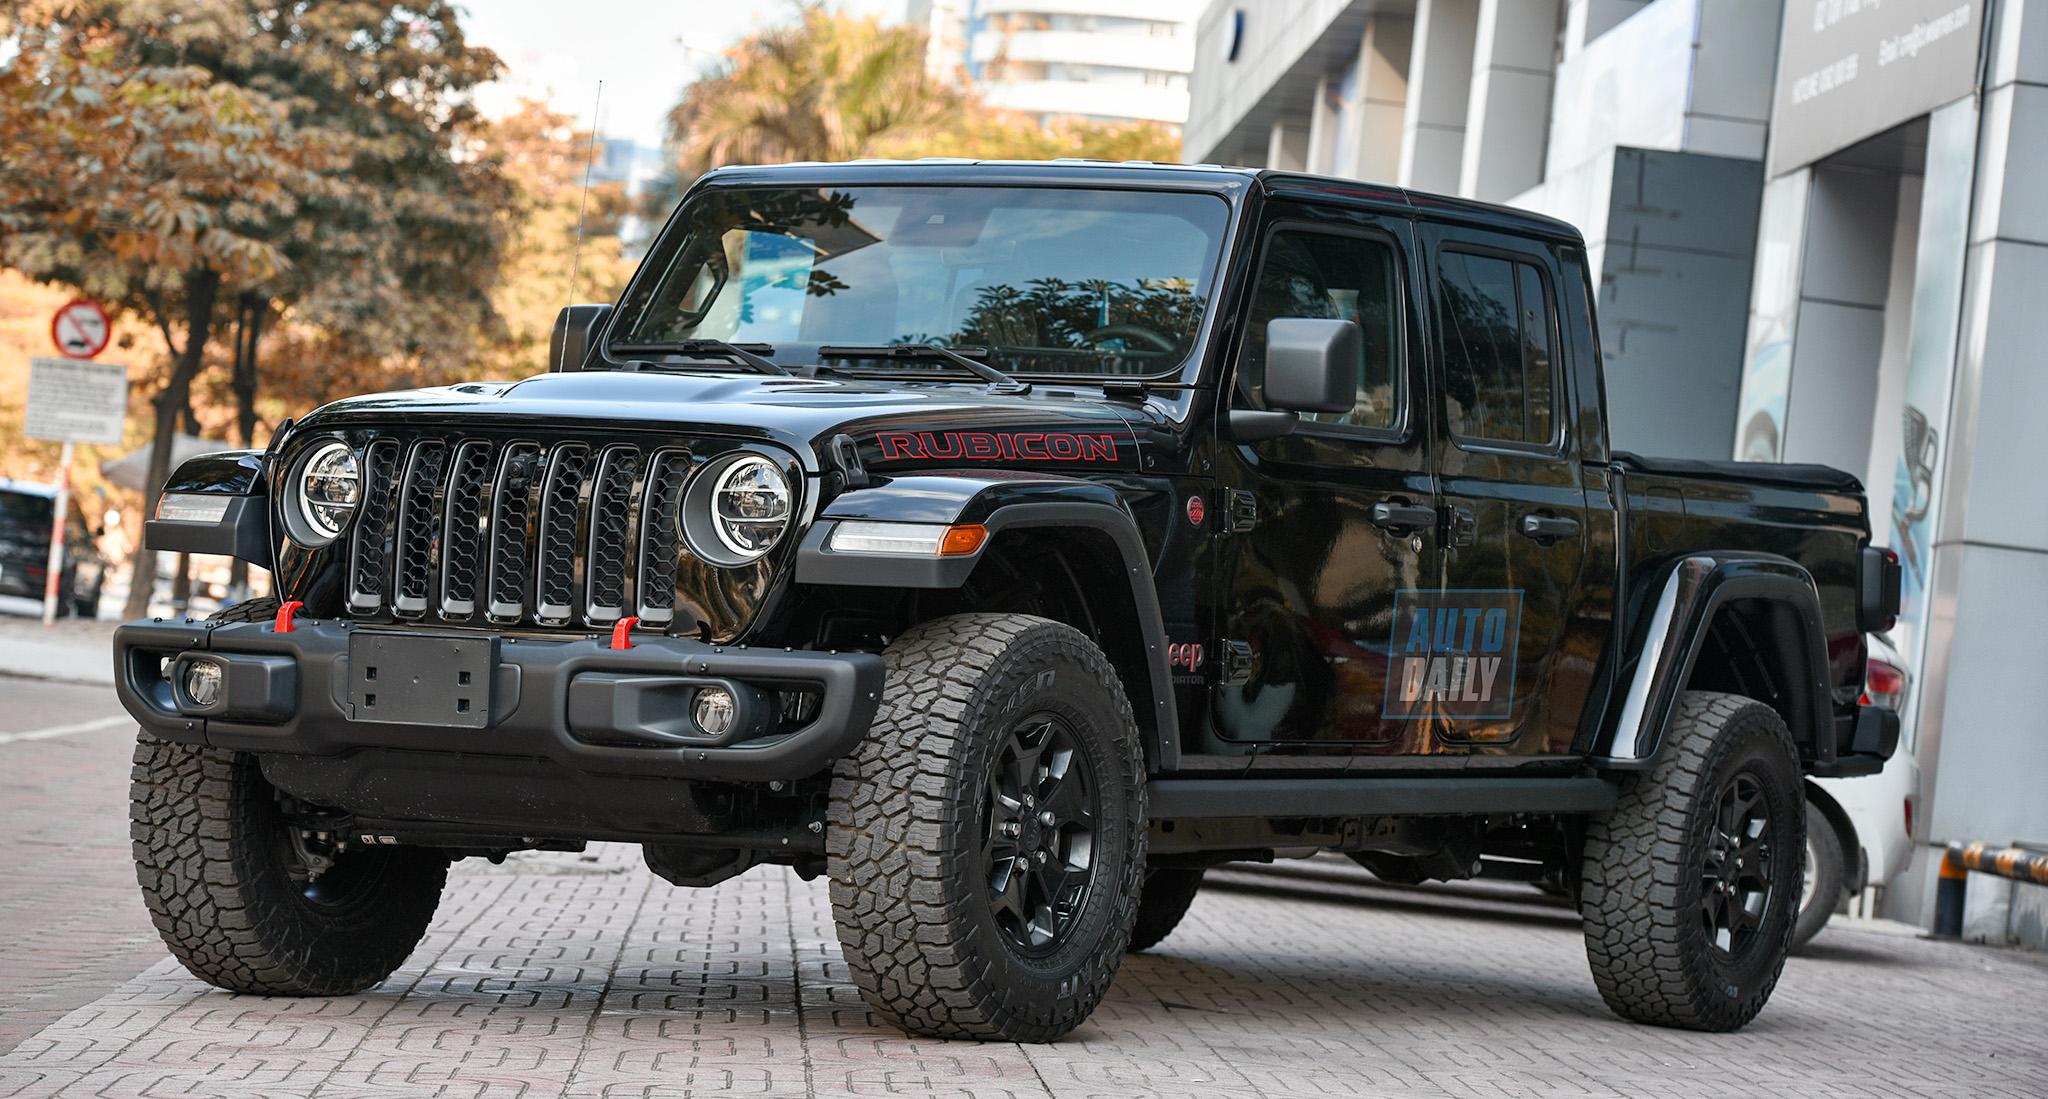 Jeep Gladiator Rubicon – Bán tải HÀNG HIẾM gần 4 tá»· – Đối thủ của Ford F150 Raptor